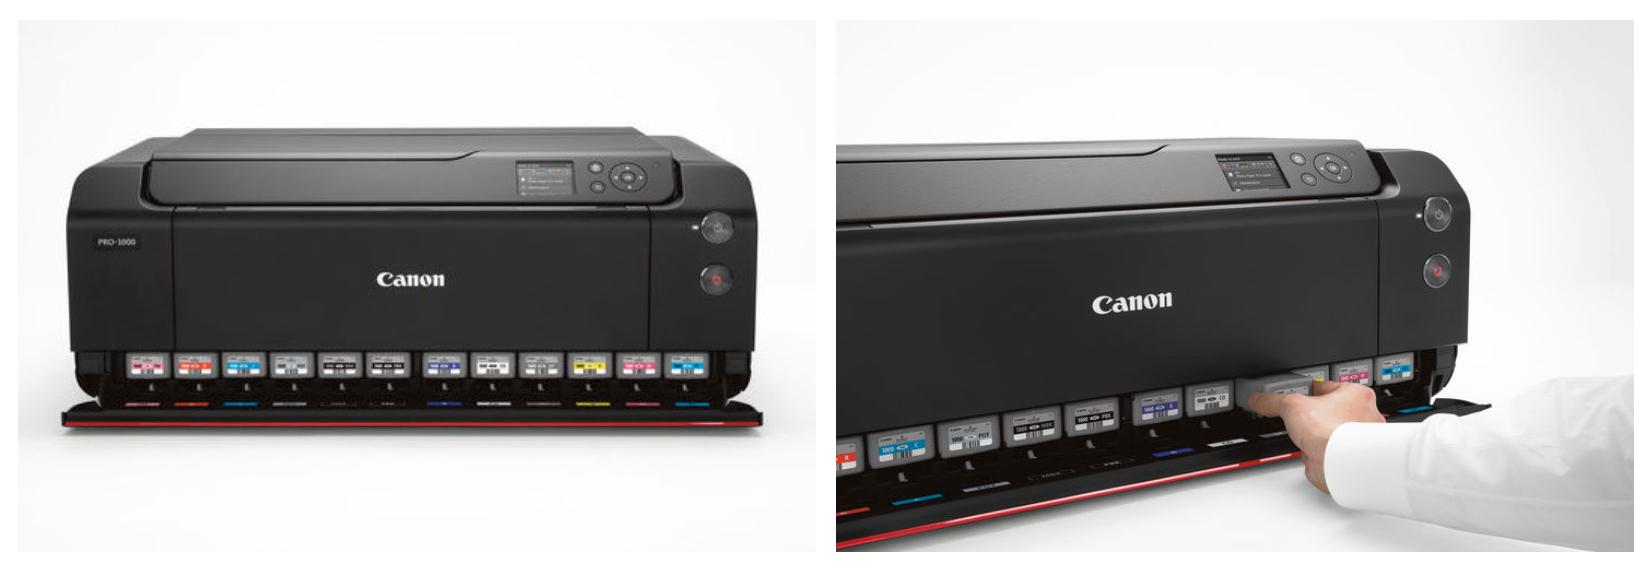 profesjonalna drukarka do zdjec